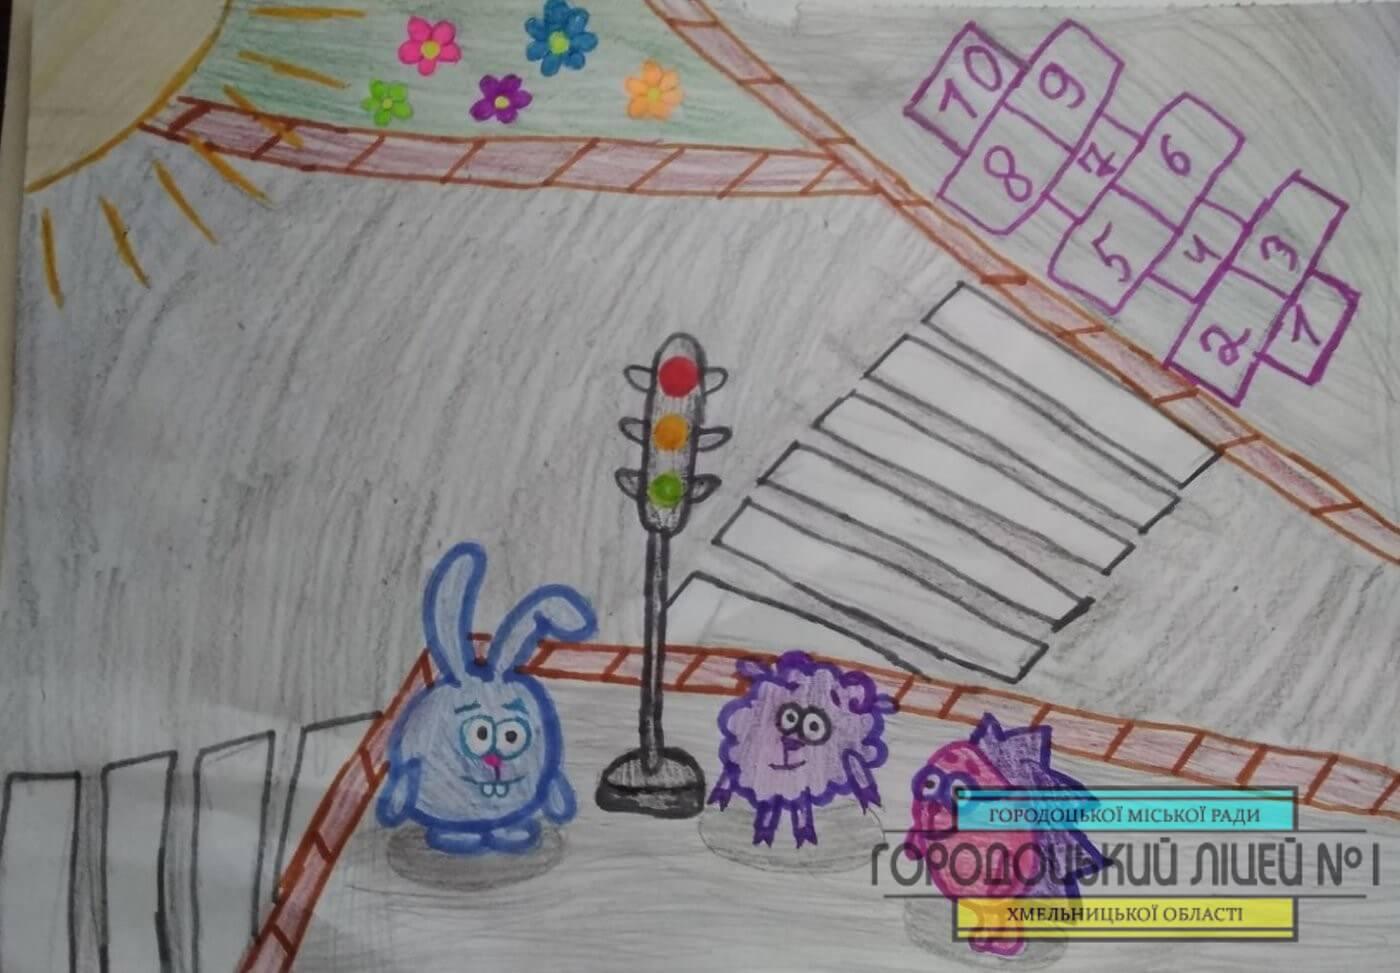 zobrazhennya viber 2020 05 21 07 53 57 1400x973 - Конкурс малюнків серед учнів 5 - 7 класів з безпеки дорожнього руху